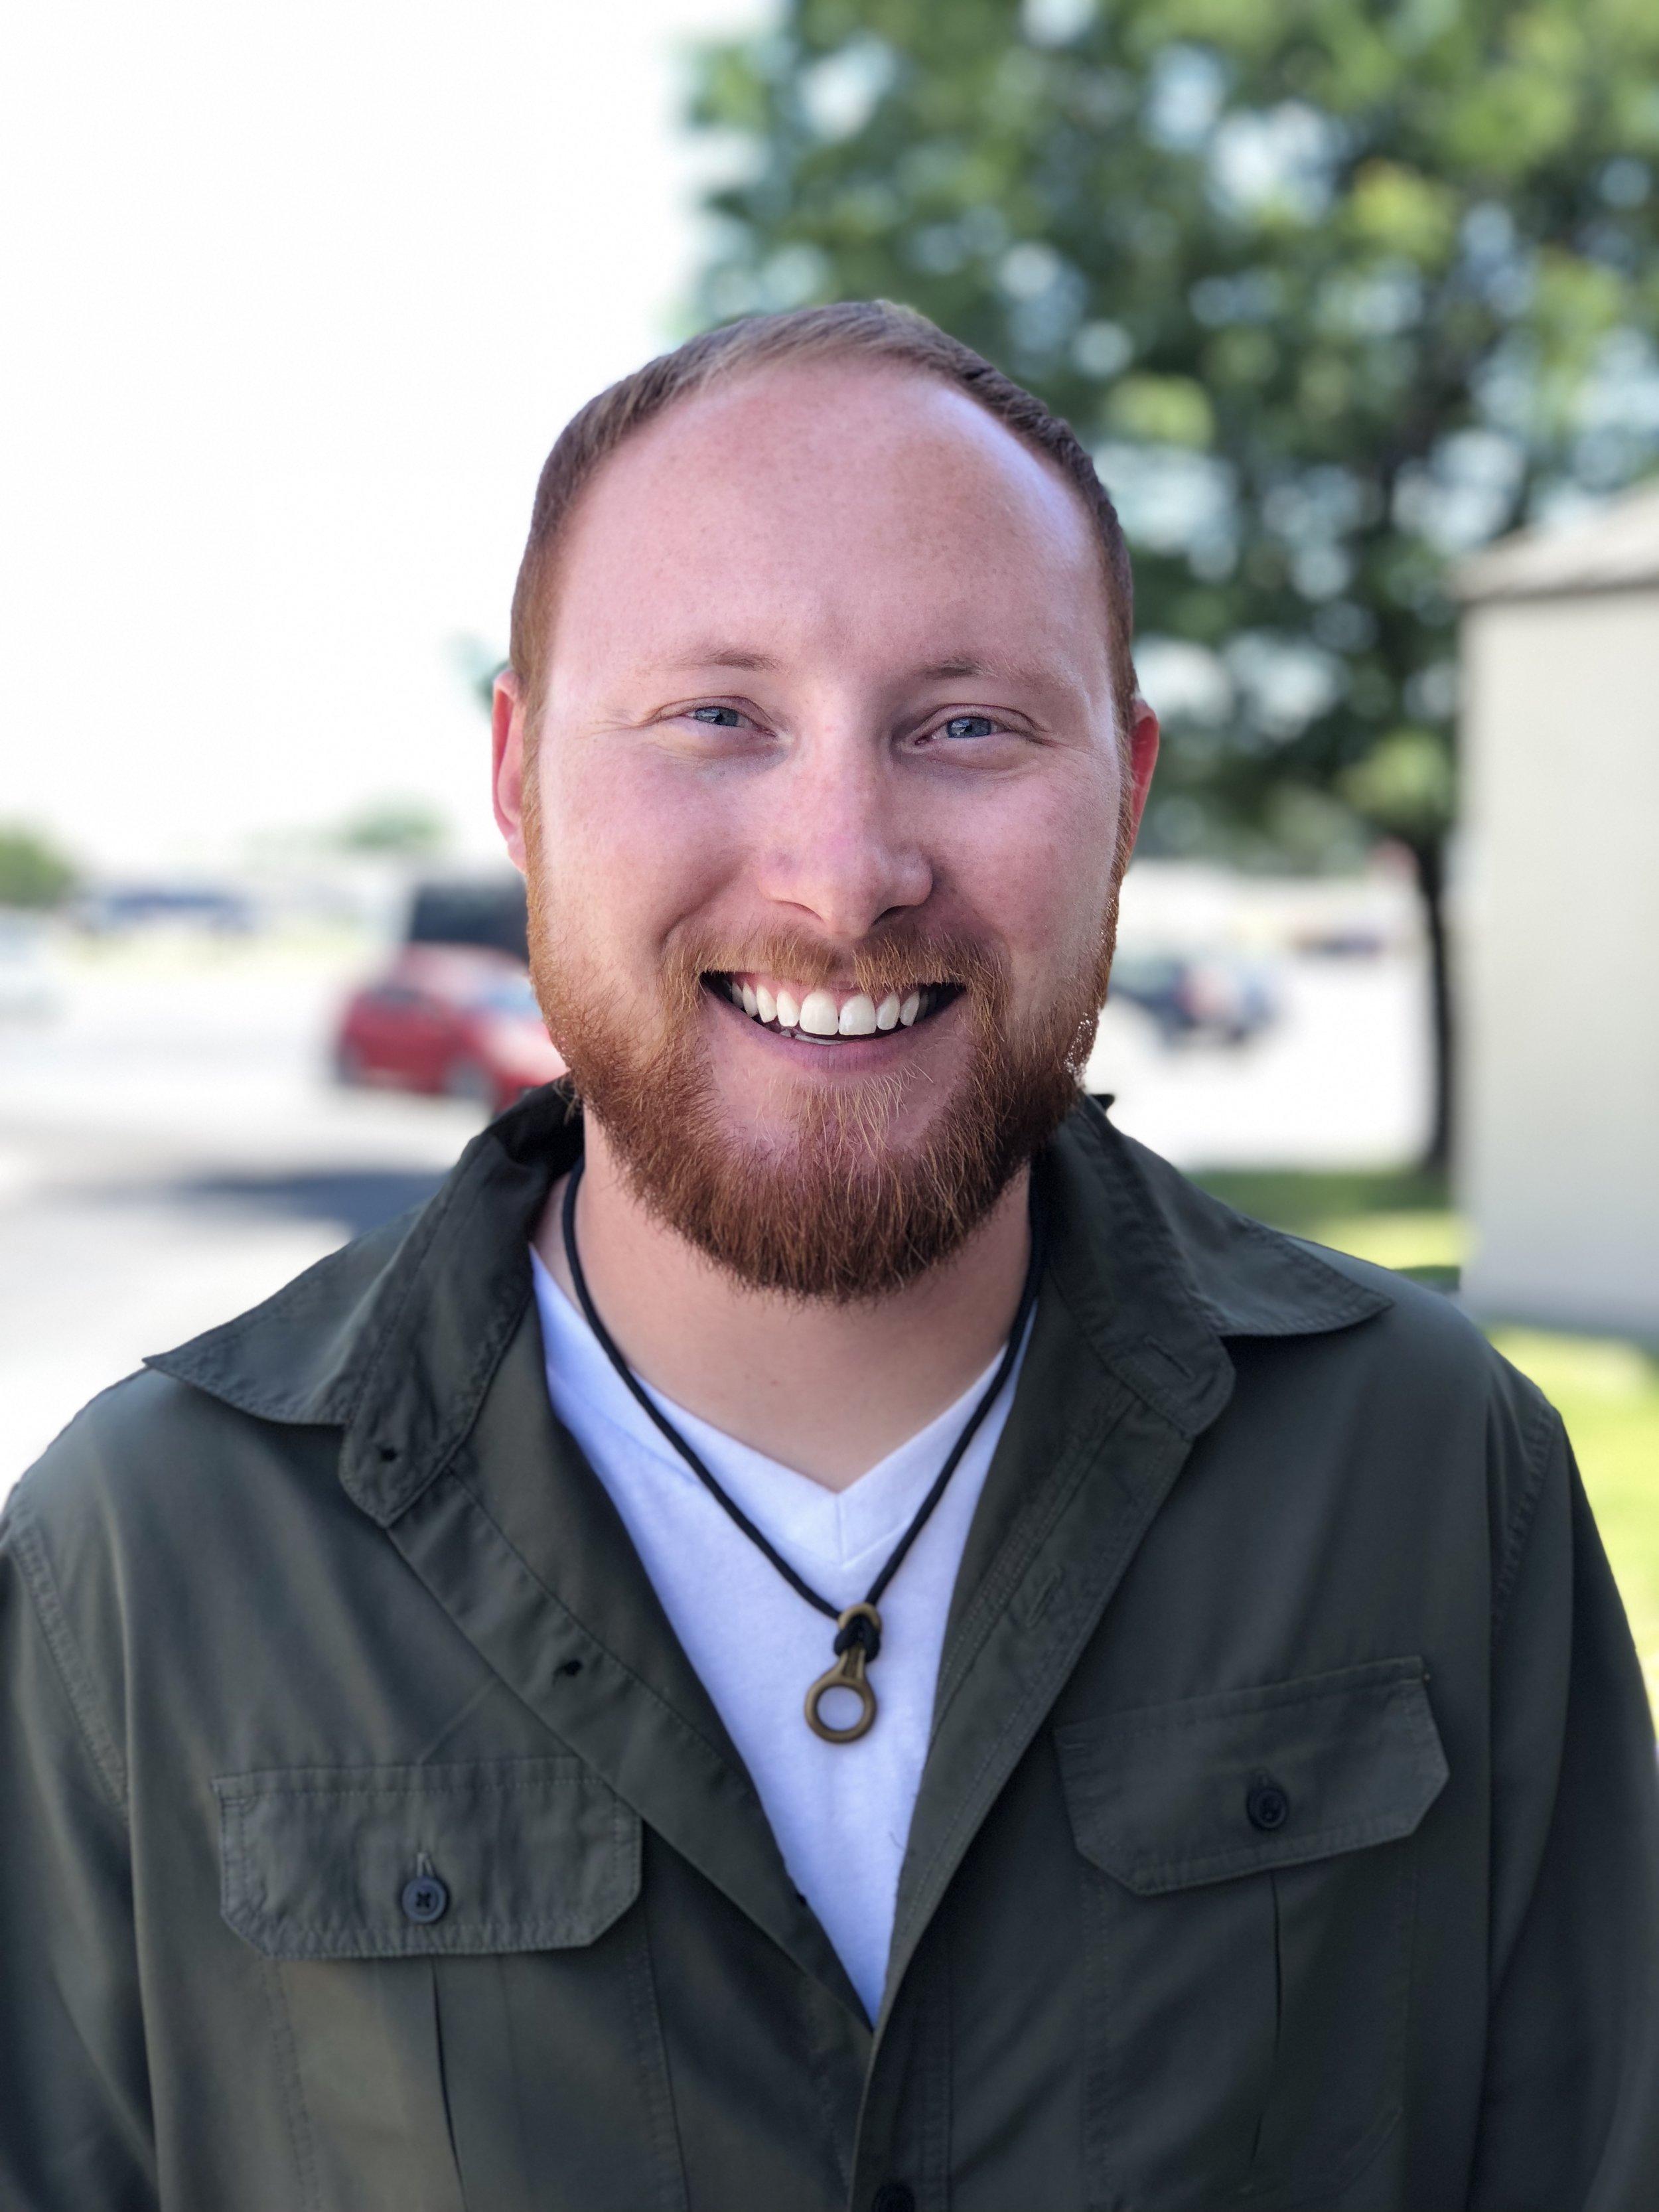 James Shepherd - Youth Pastor